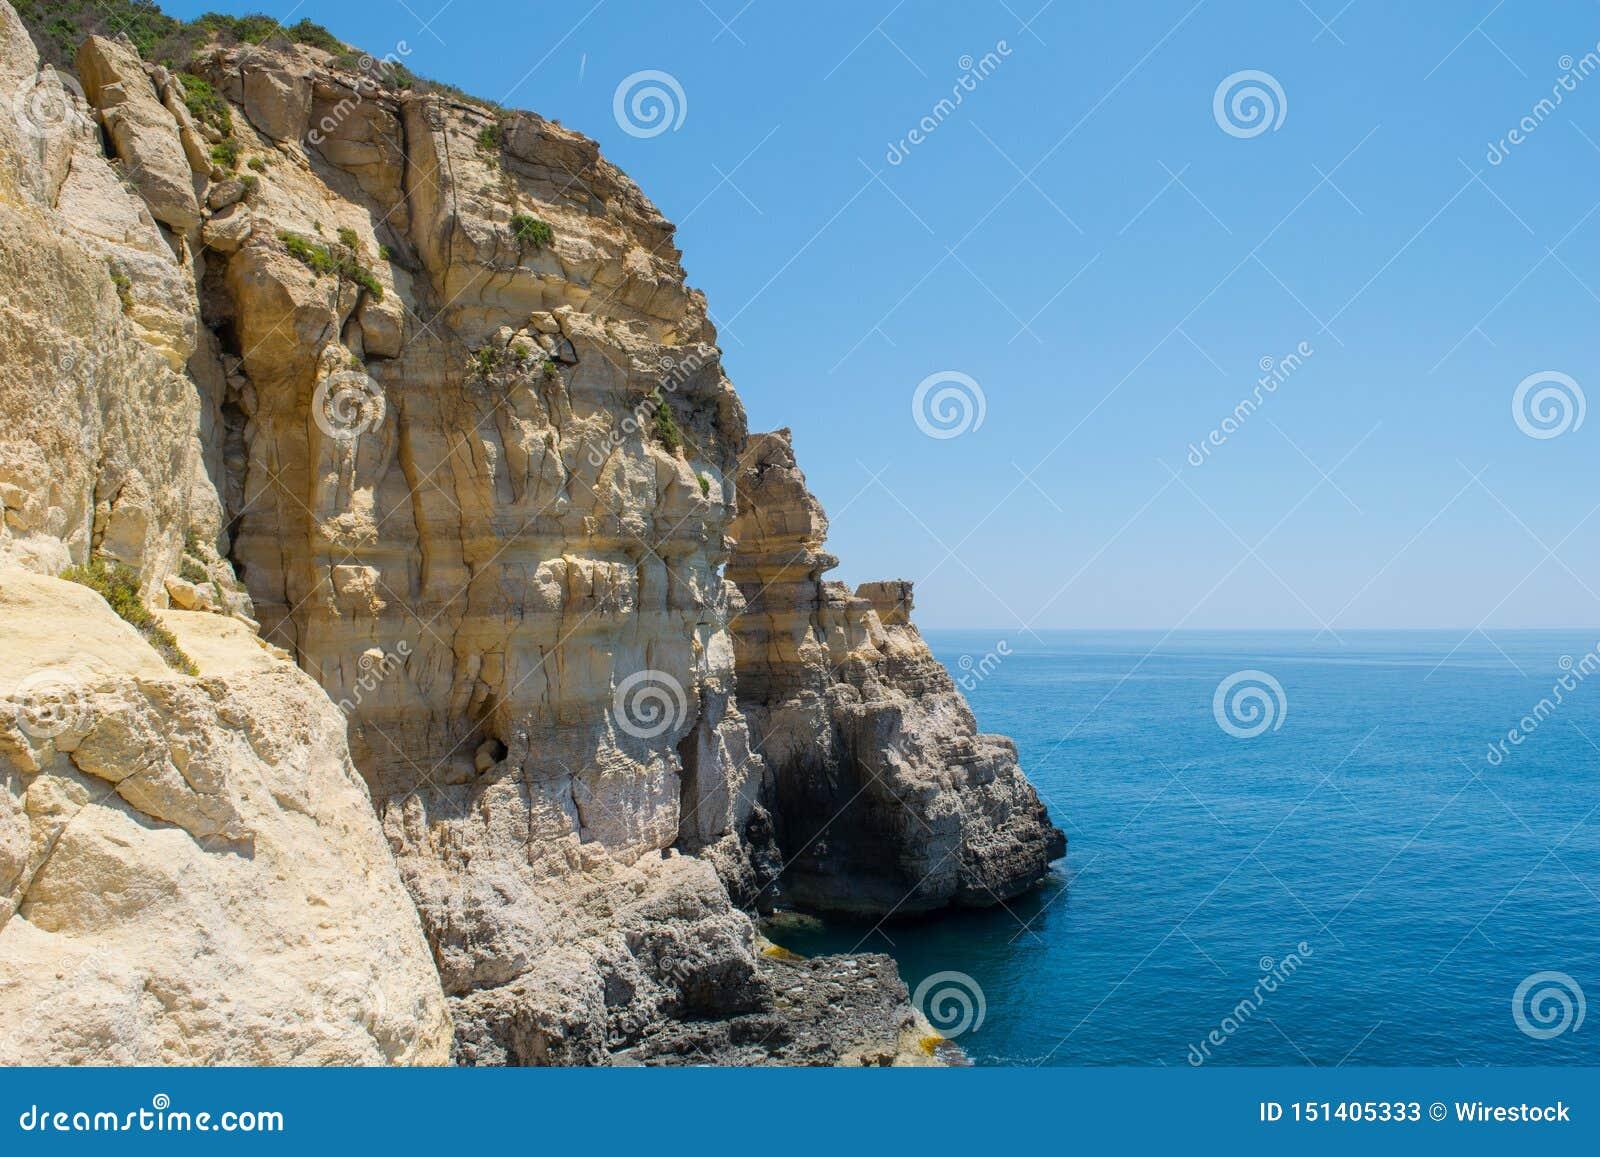 Διάβρωση απότομων βράχων θάλασσας και σχηματισμός σωρών - Rdum tal-Mara